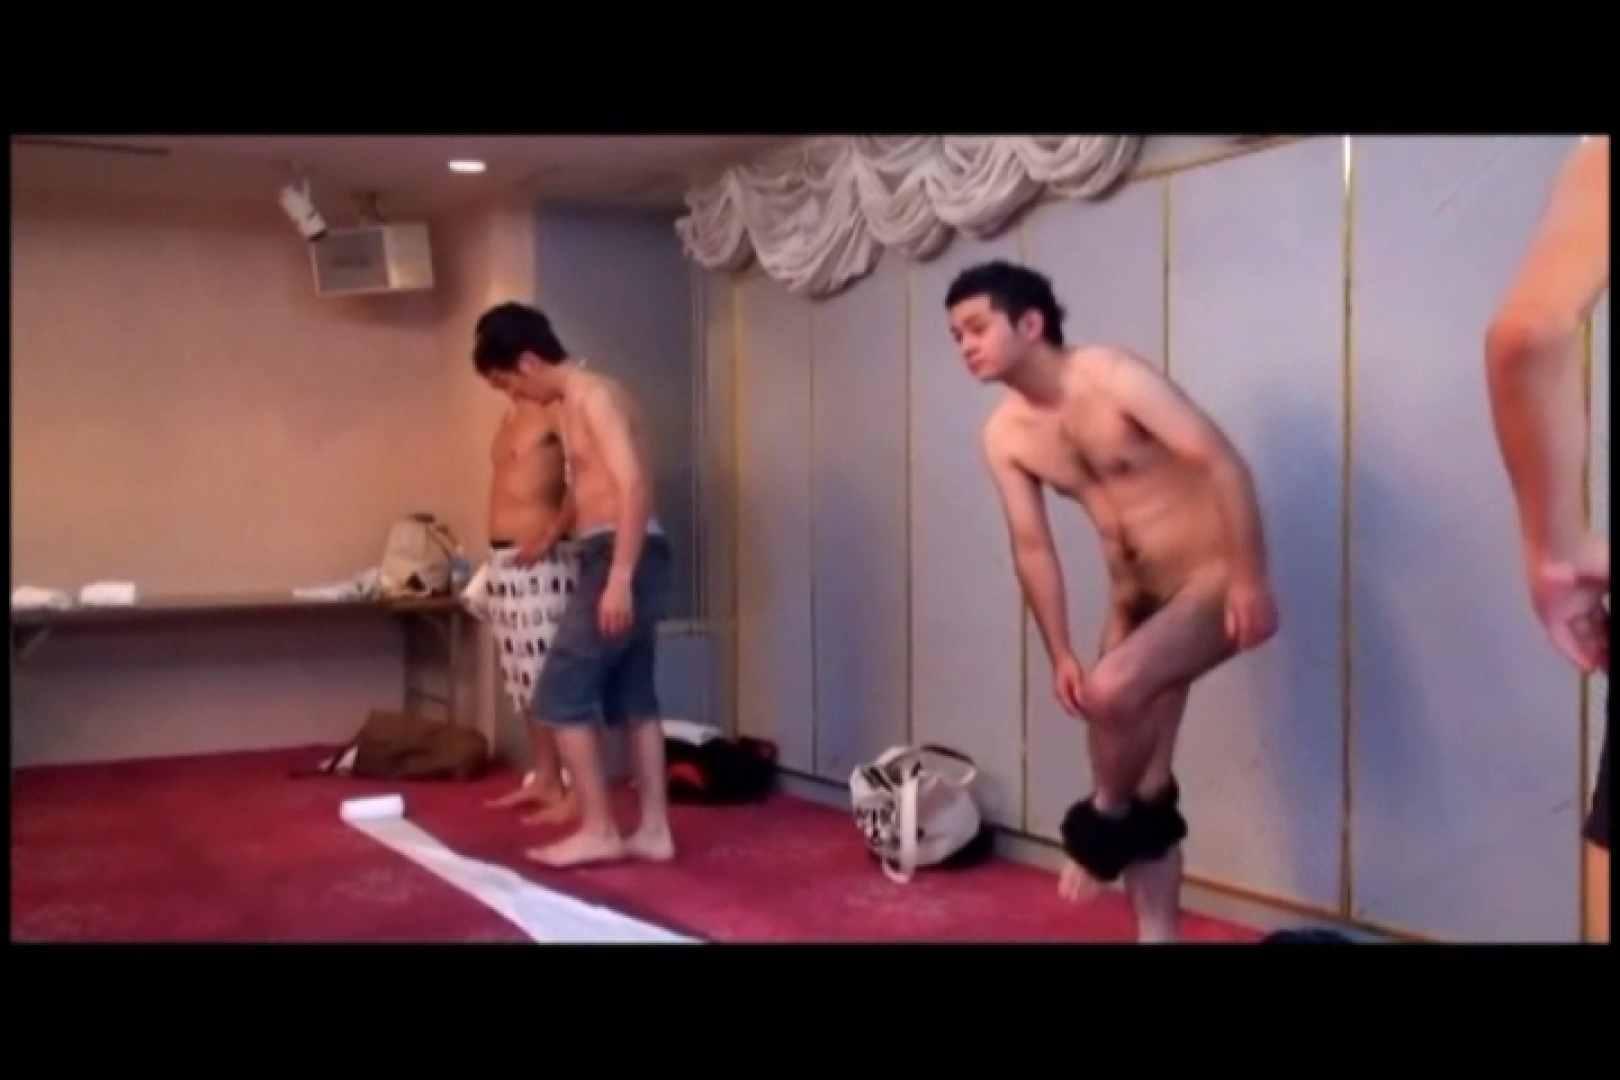 日本の誇り!VOL.03 薩○のぼっ○もん2009年度バージョン! ボーイズ覗き | ふんどしボーイズ  71pic 67